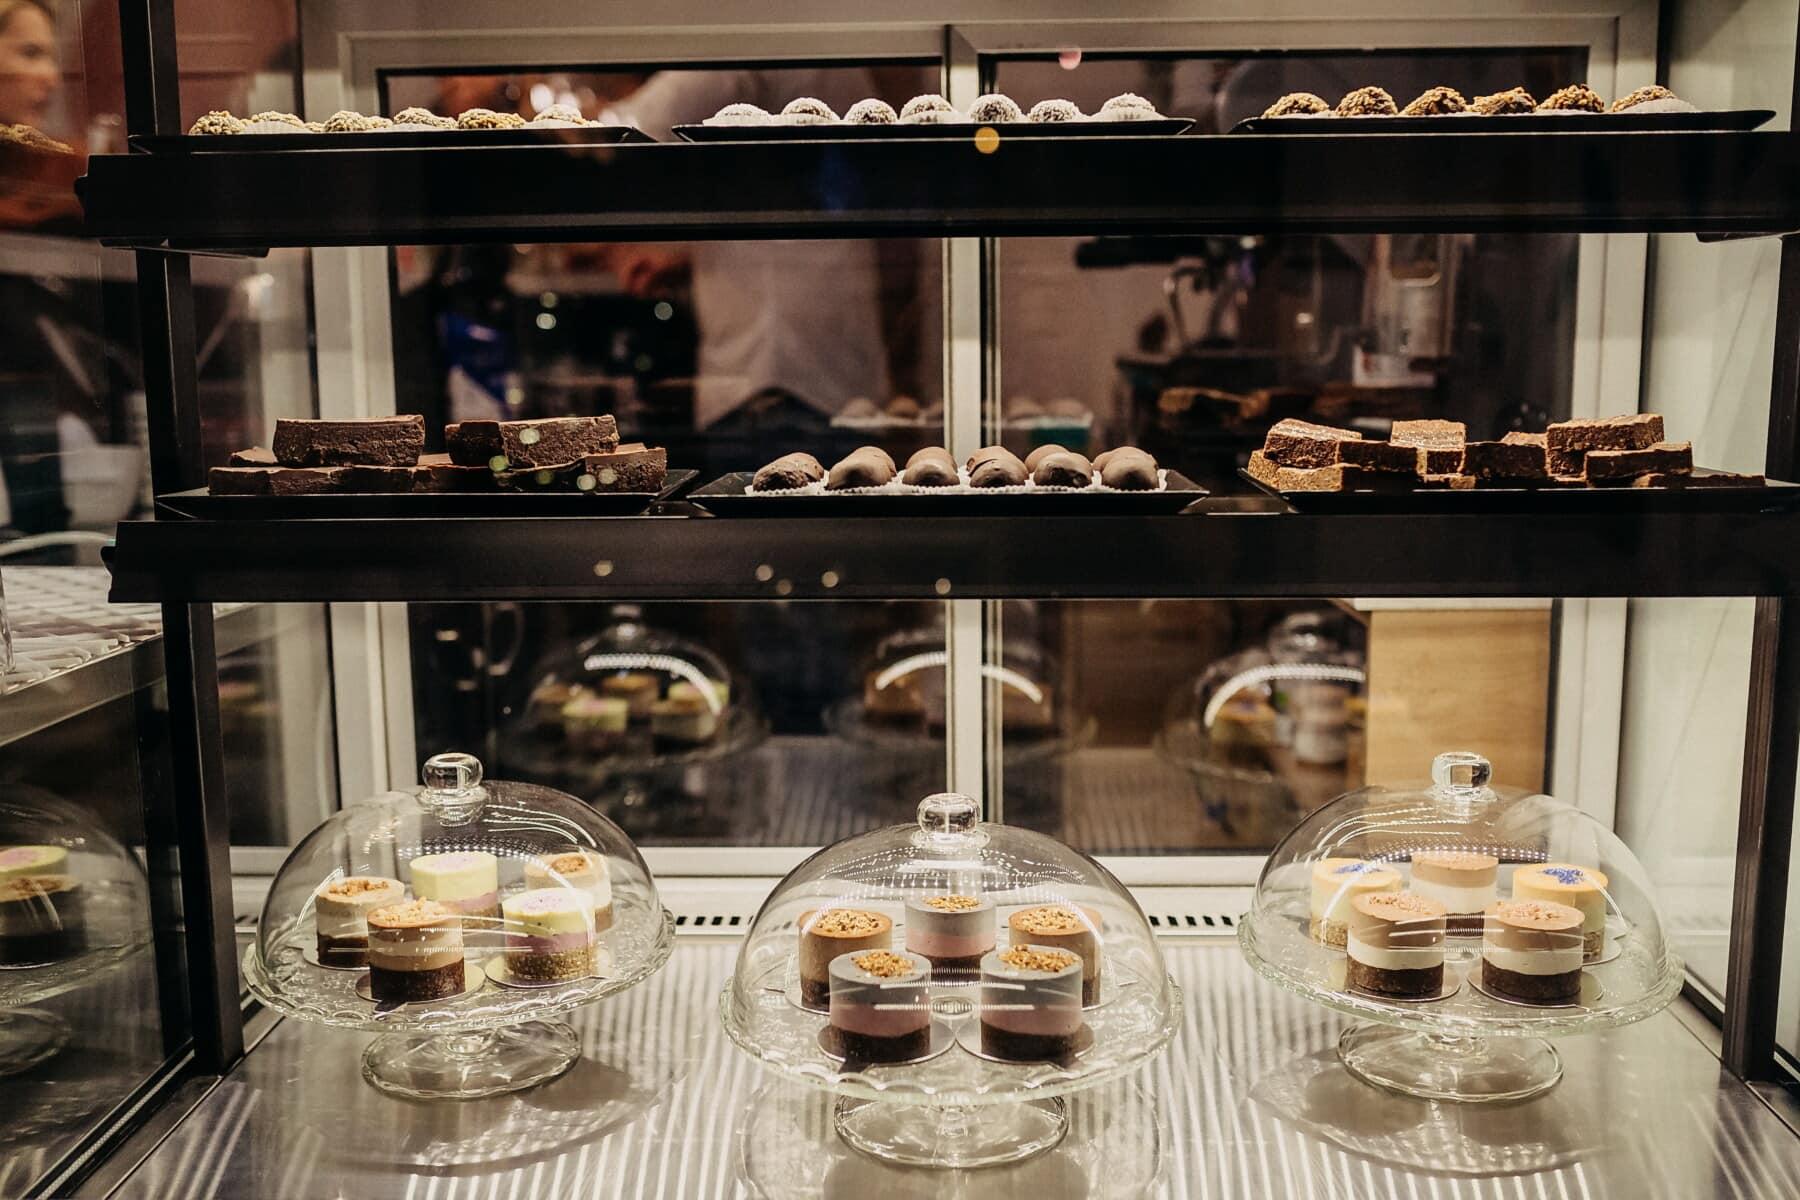 Kuchenladen, Sortiment, Shop, Produktion, Keks, Einkaufen, darunter, Glas, Kuchen, Restaurant